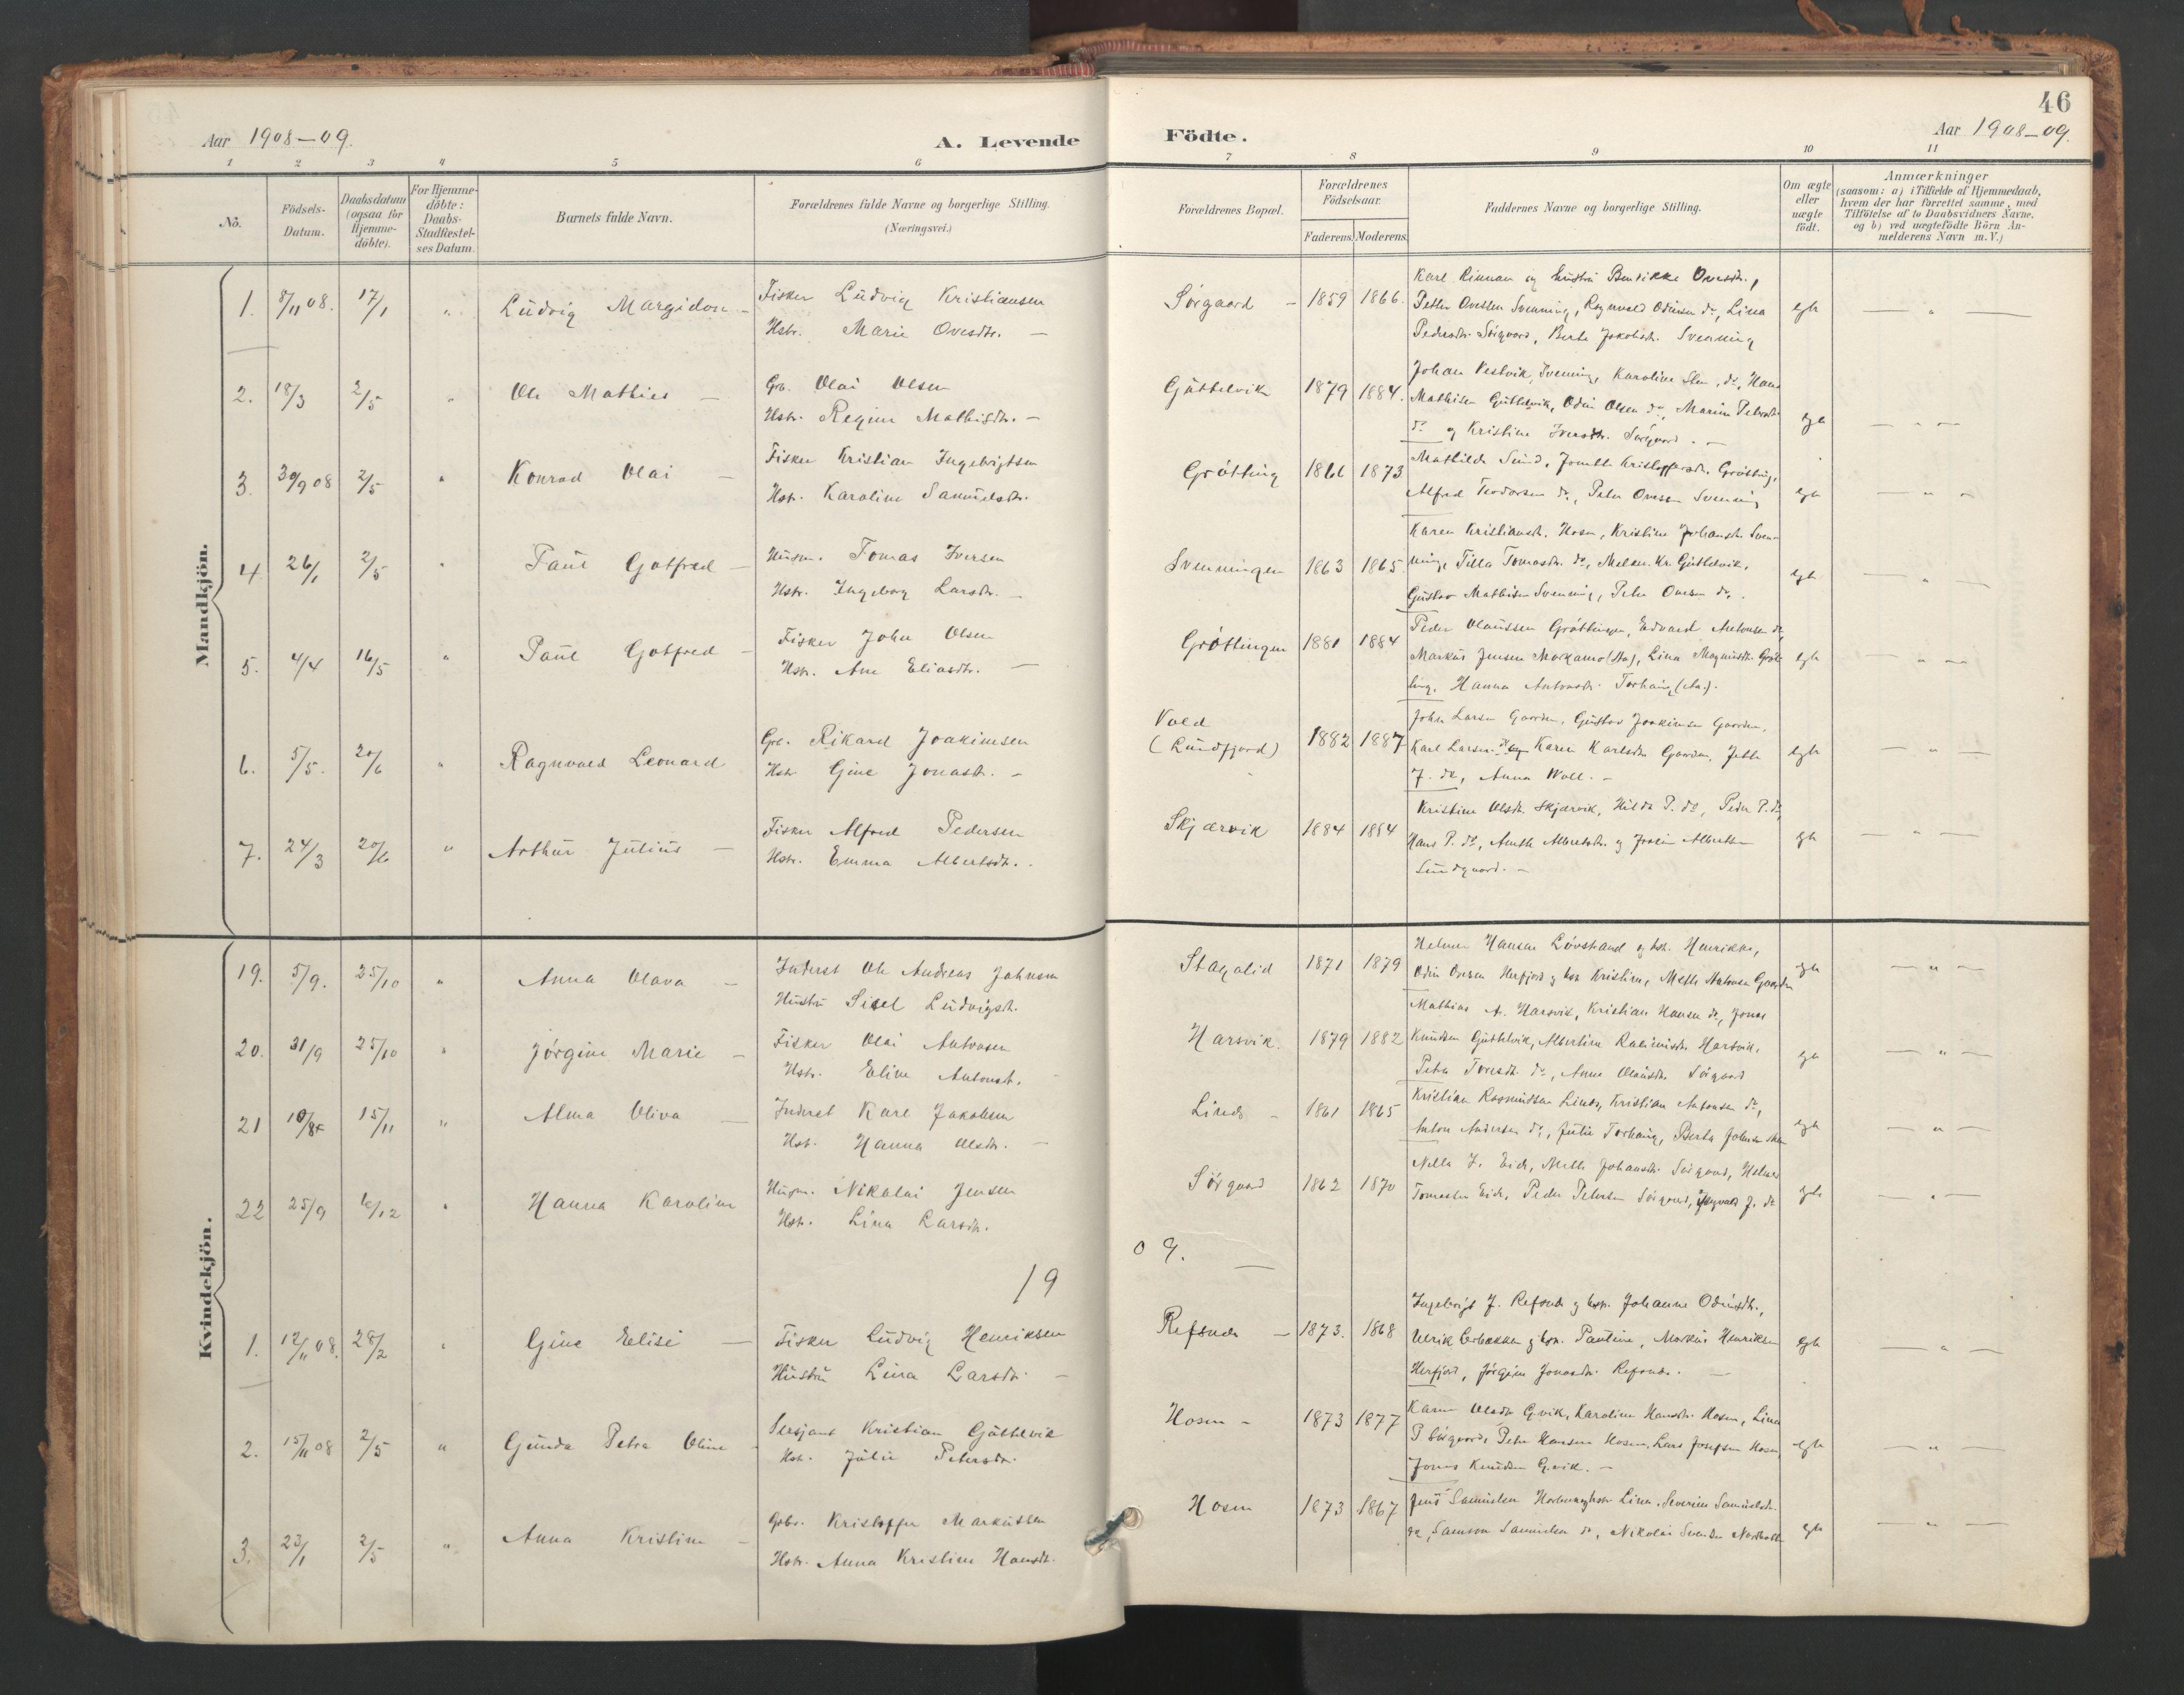 SAT, Ministerialprotokoller, klokkerbøker og fødselsregistre - Sør-Trøndelag, 656/L0693: Ministerialbok nr. 656A02, 1894-1913, s. 46